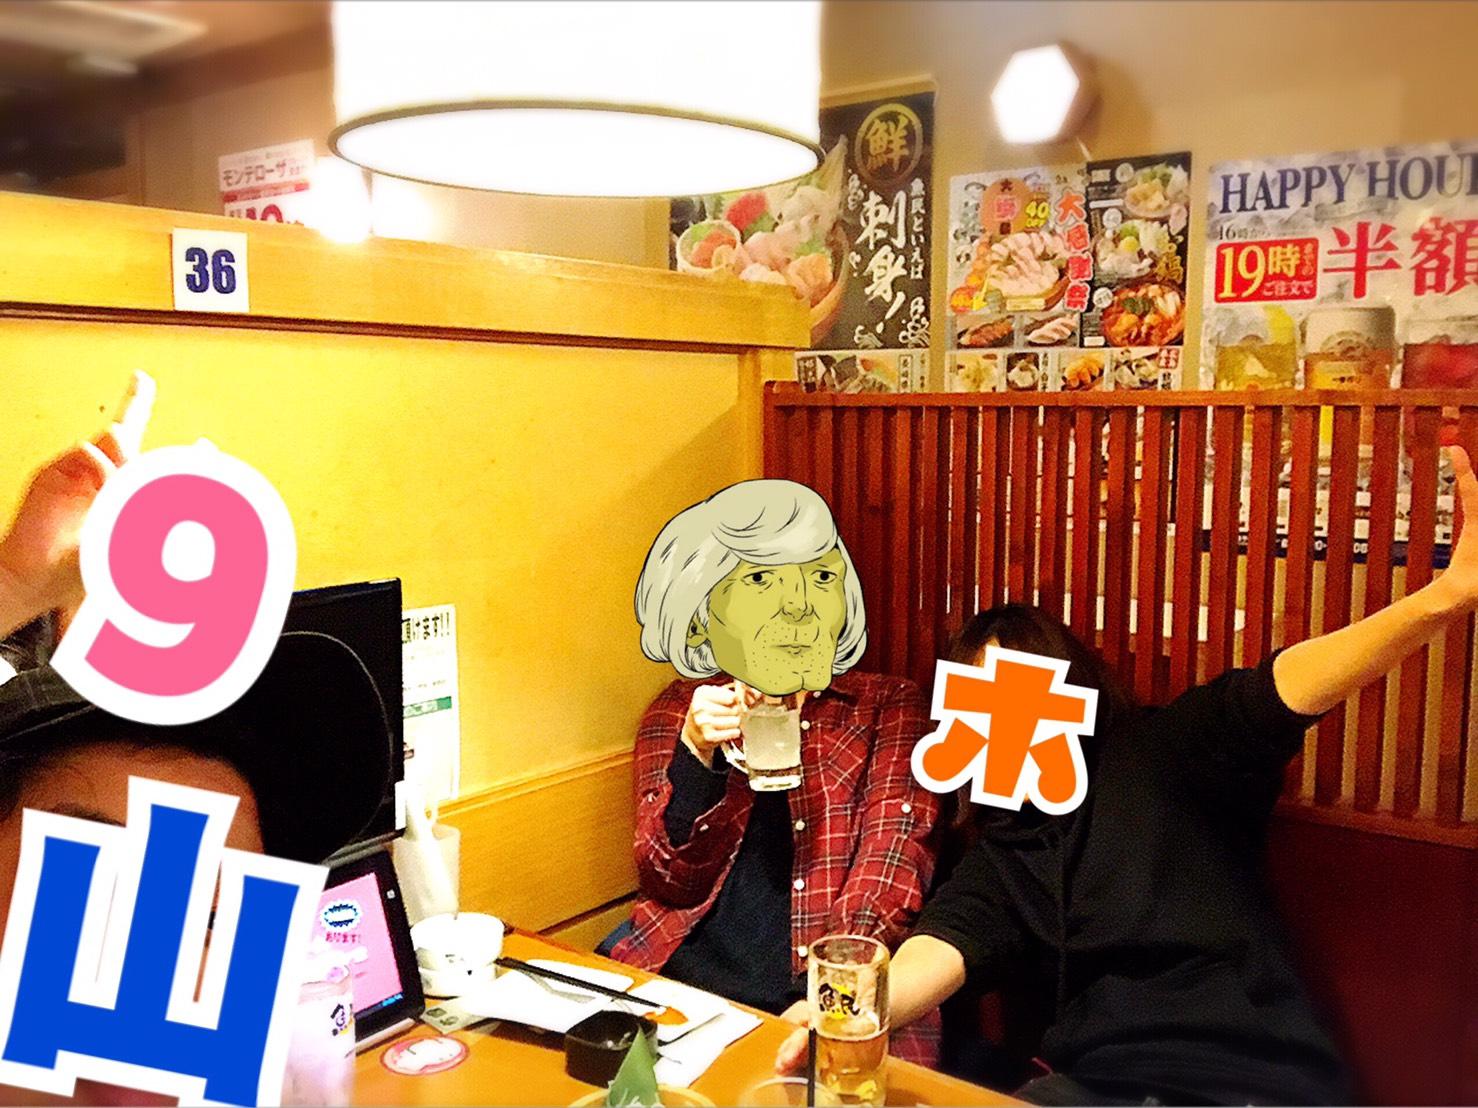 名古屋オフ会でカップルになりました